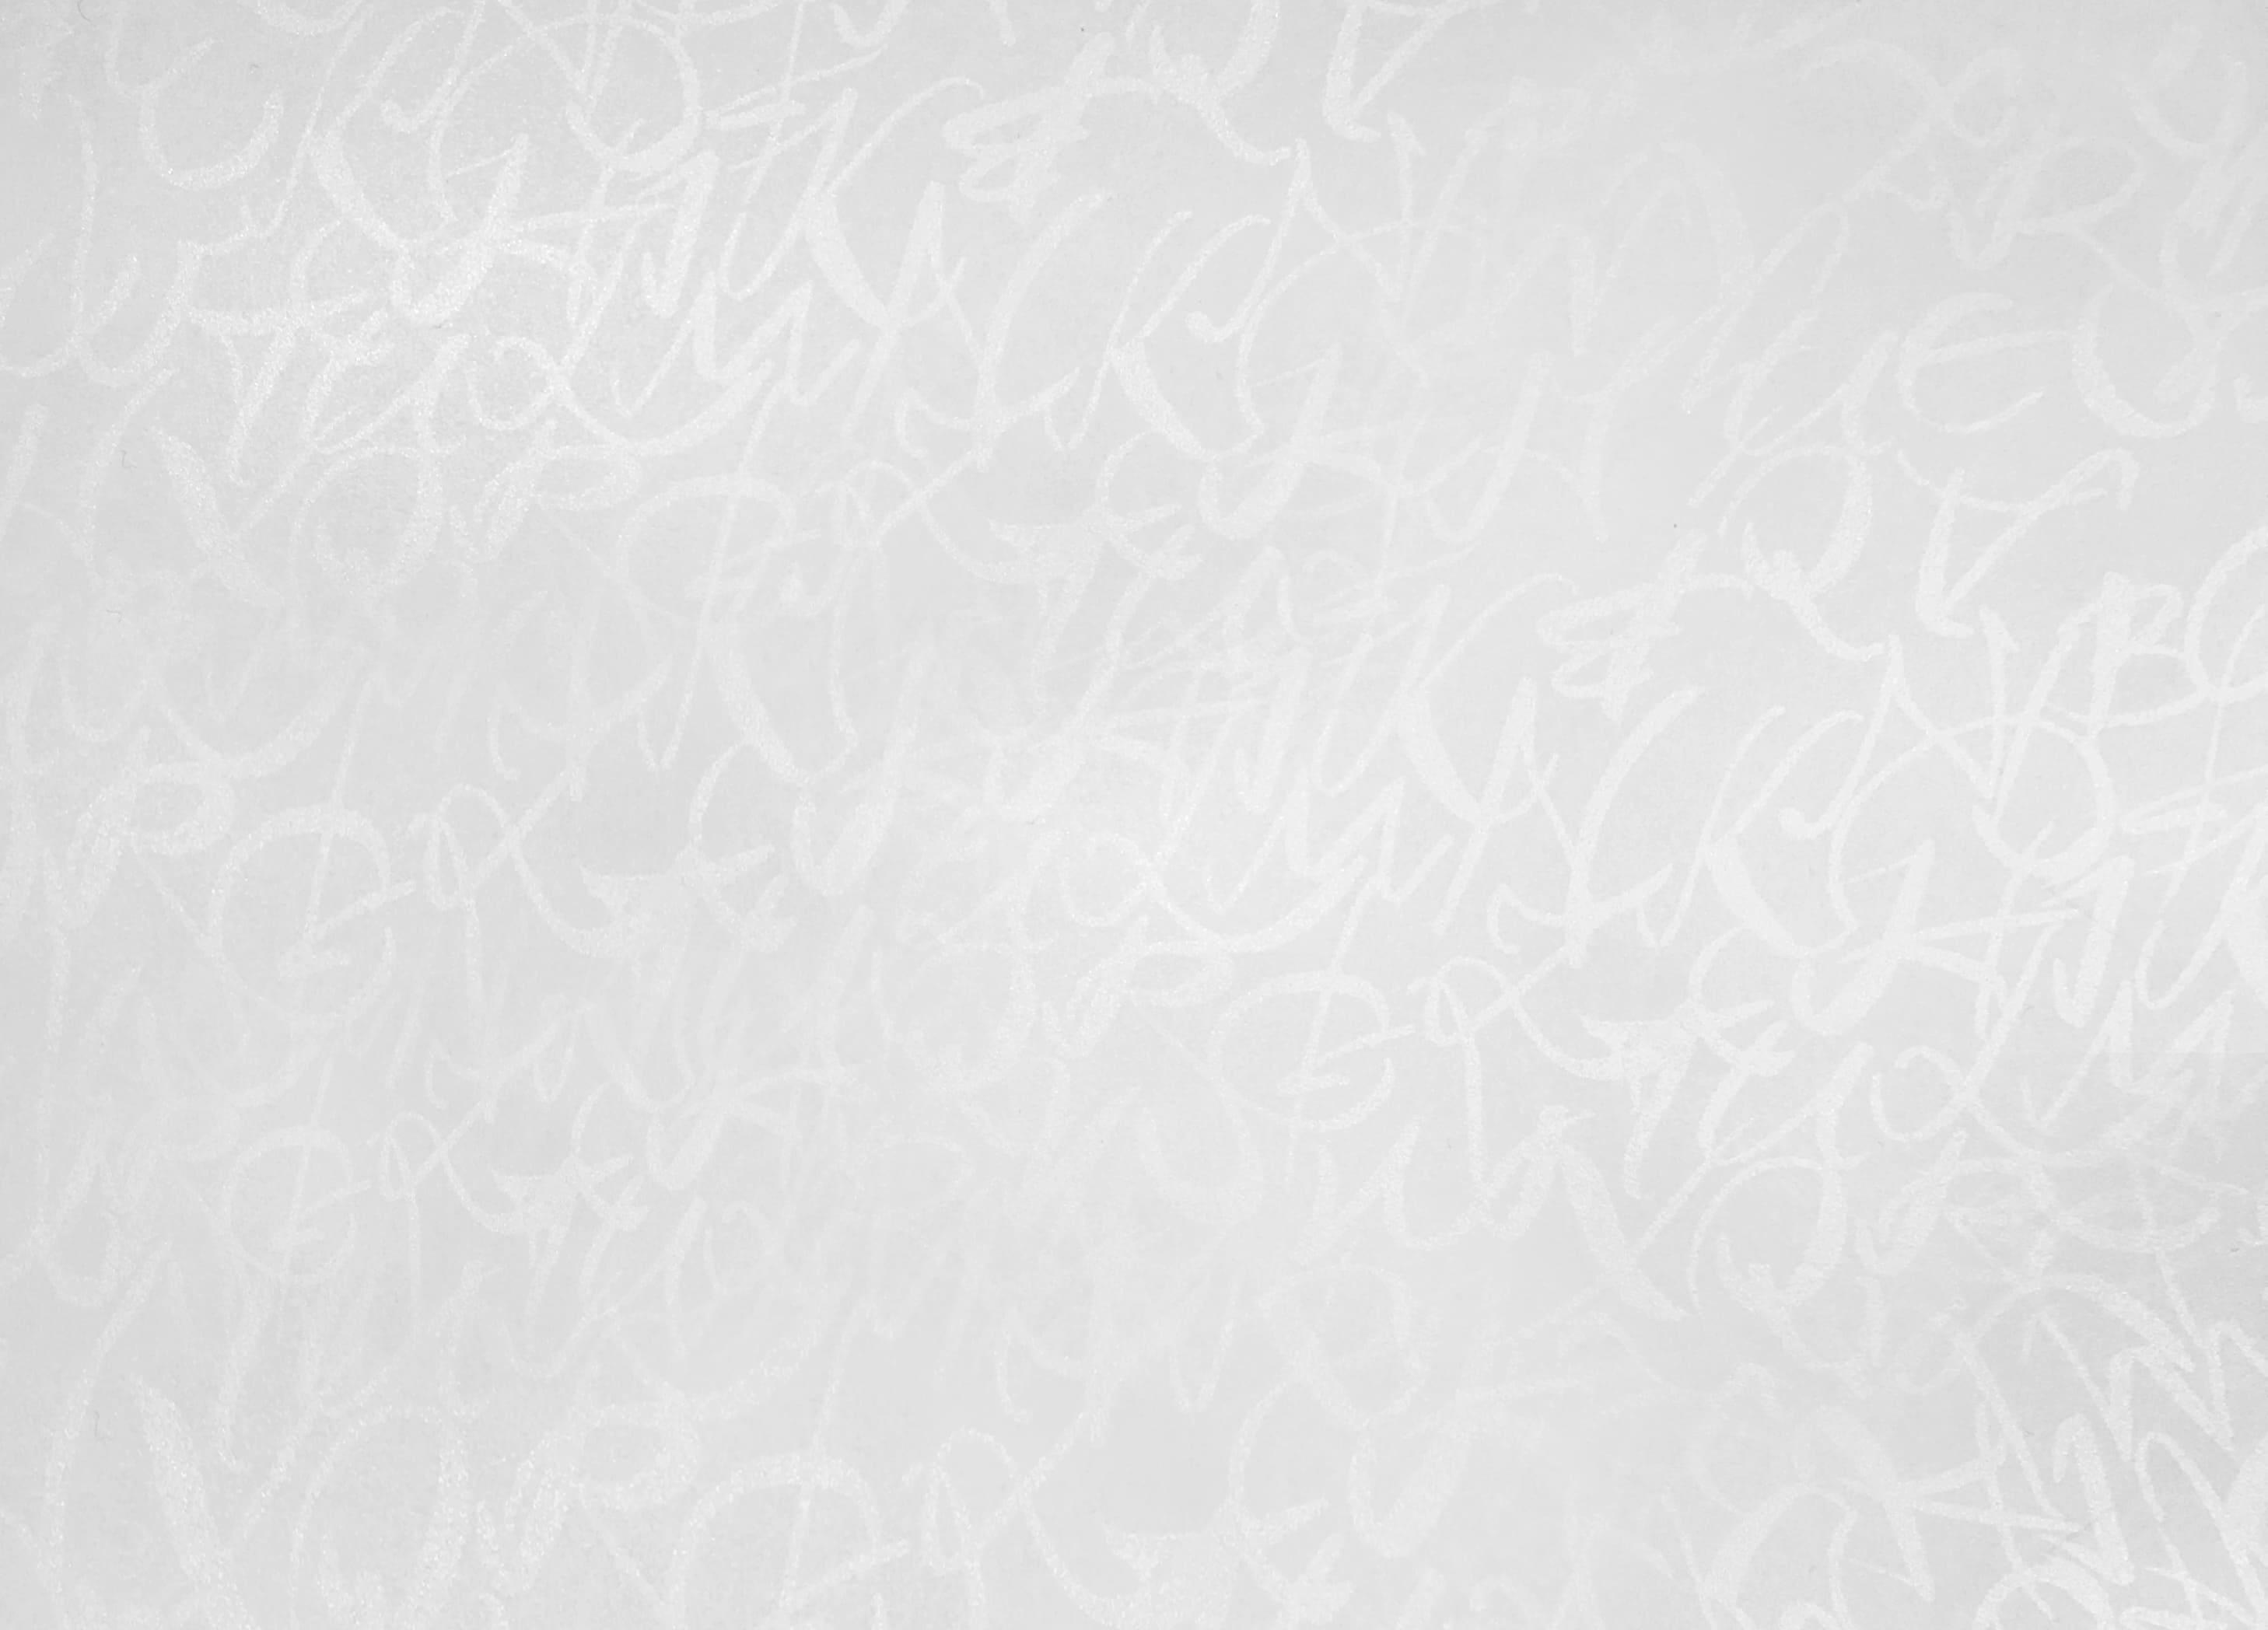 Стеновая панель № 801 Латиница белая 6 мм